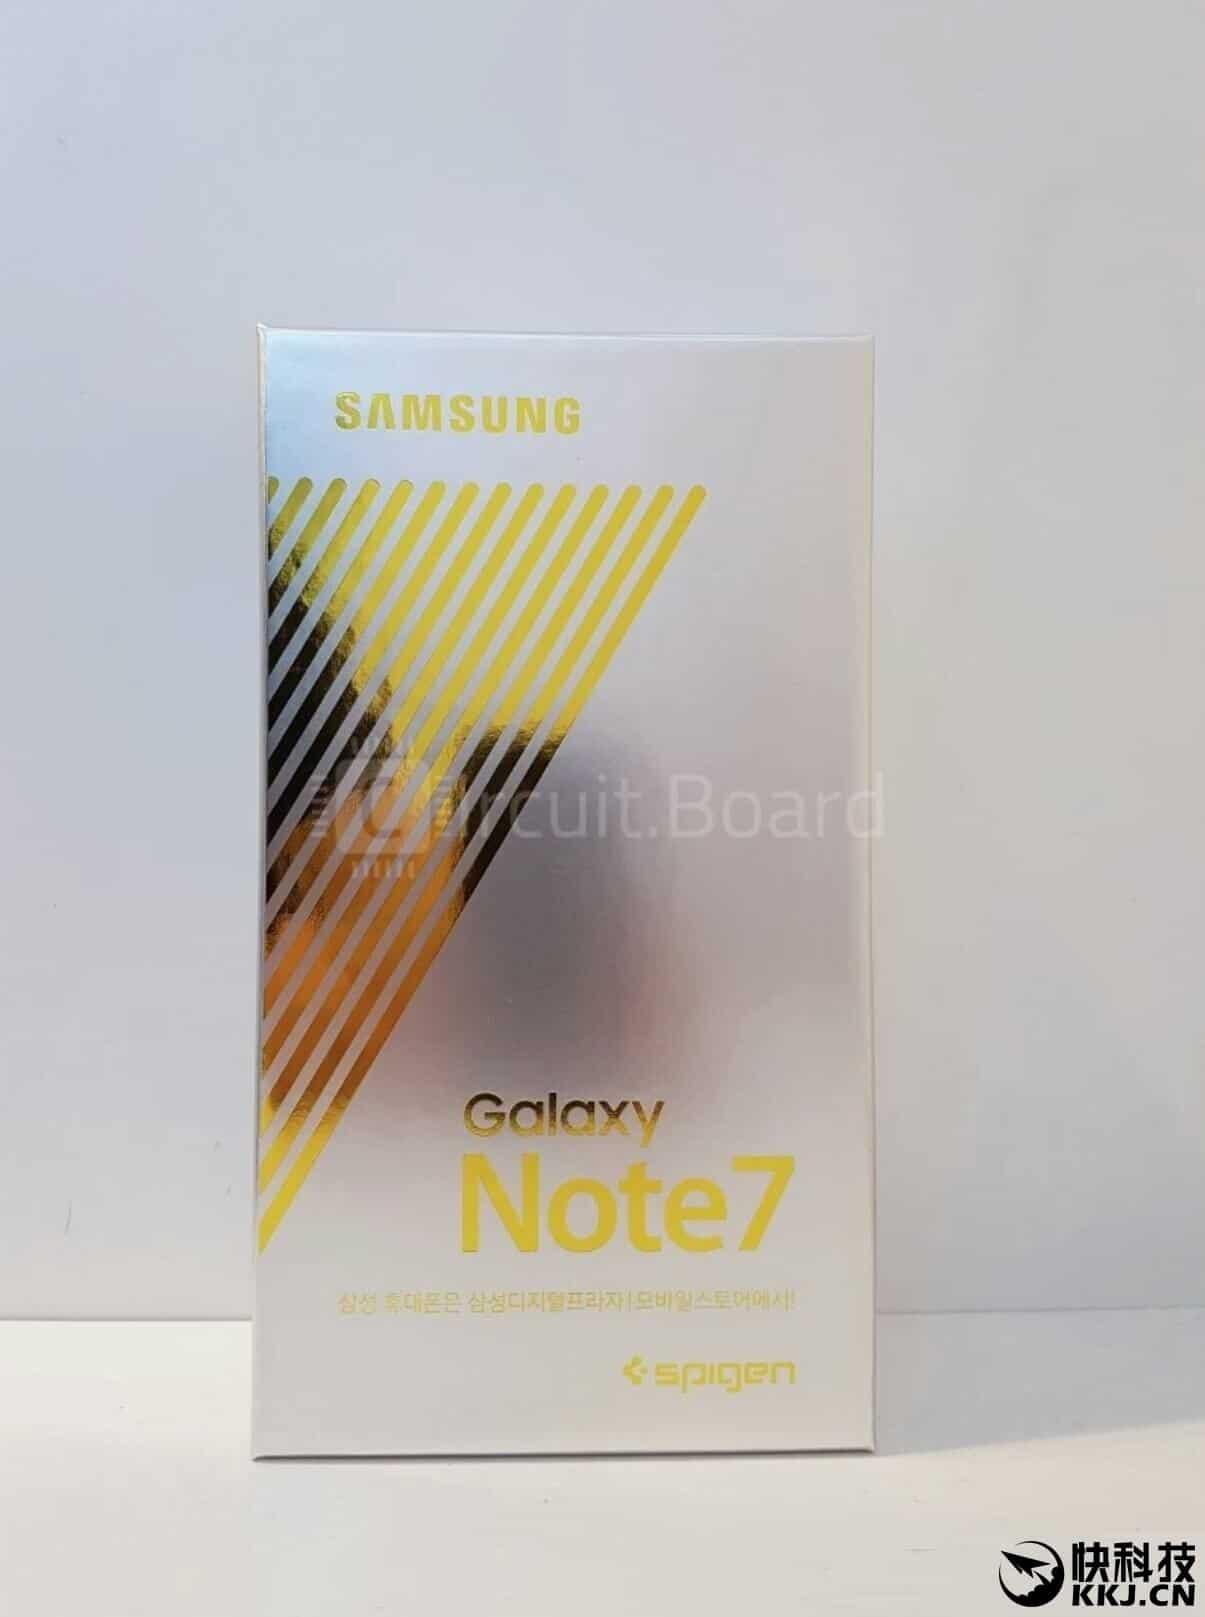 Galaxy Note 7 leak 04